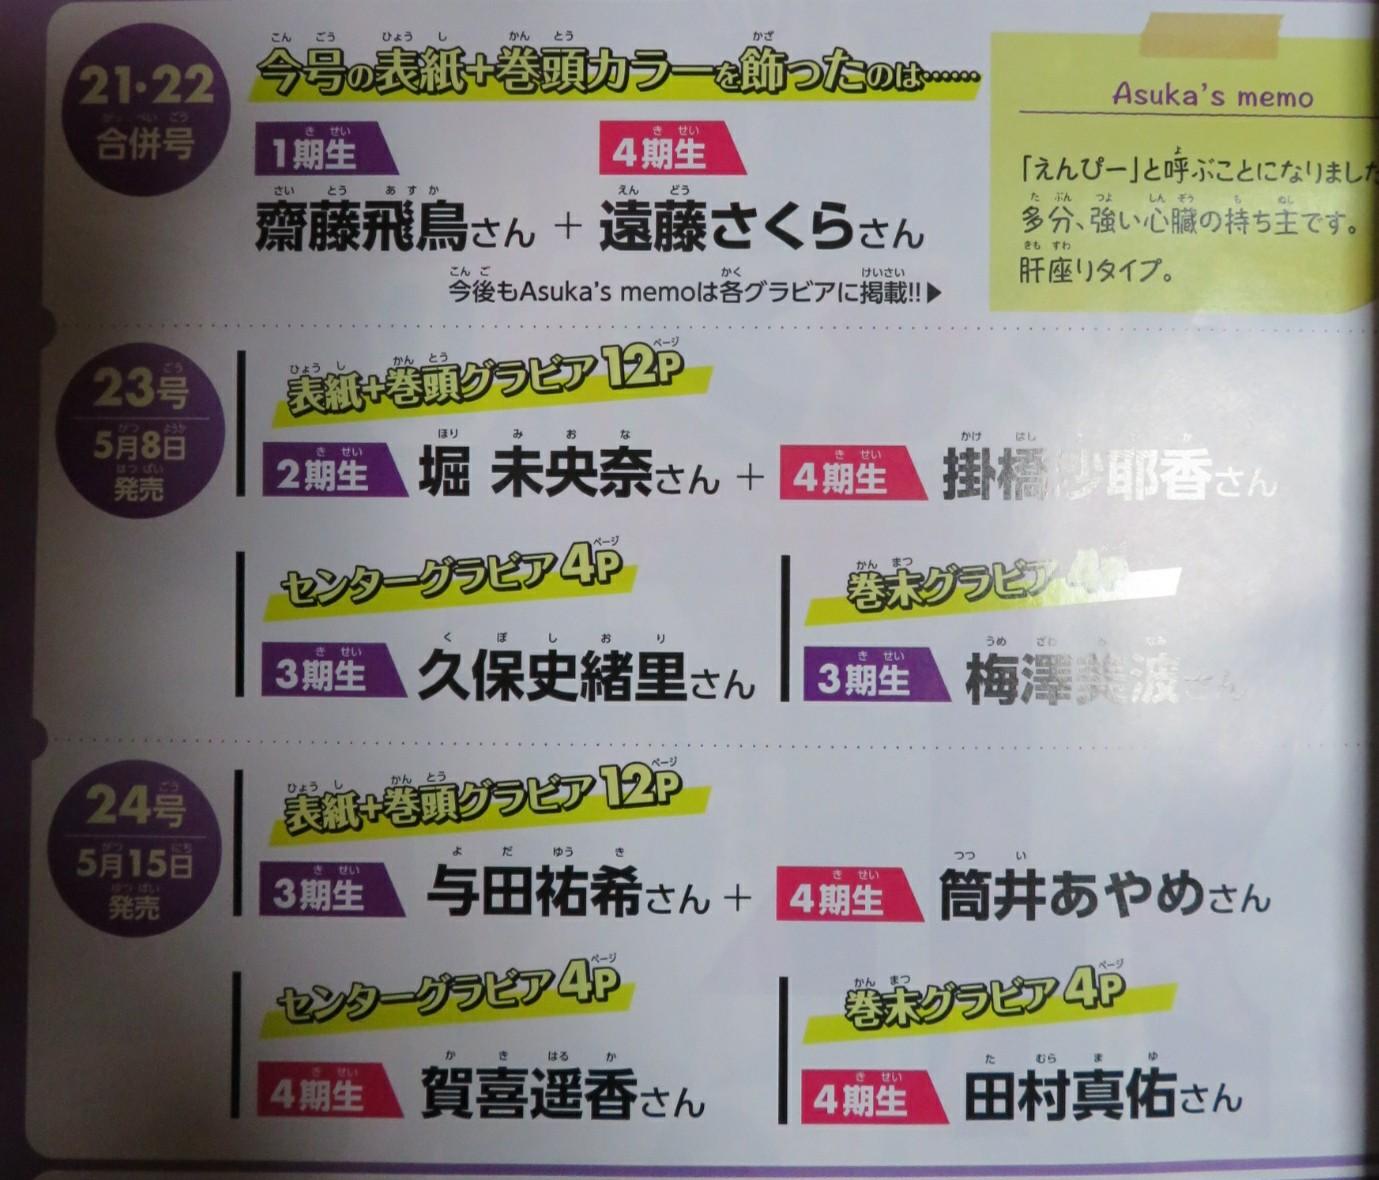 週刊少年マガジン 表紙 堀未央奈 掛橋沙耶香